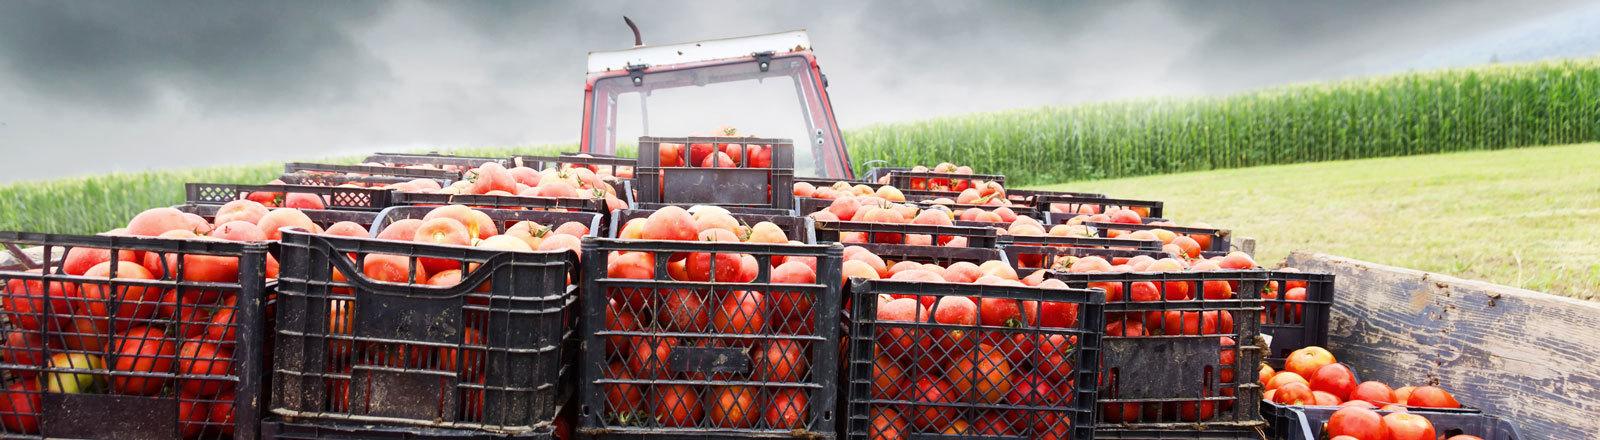 Tomatenernte mit Traktor